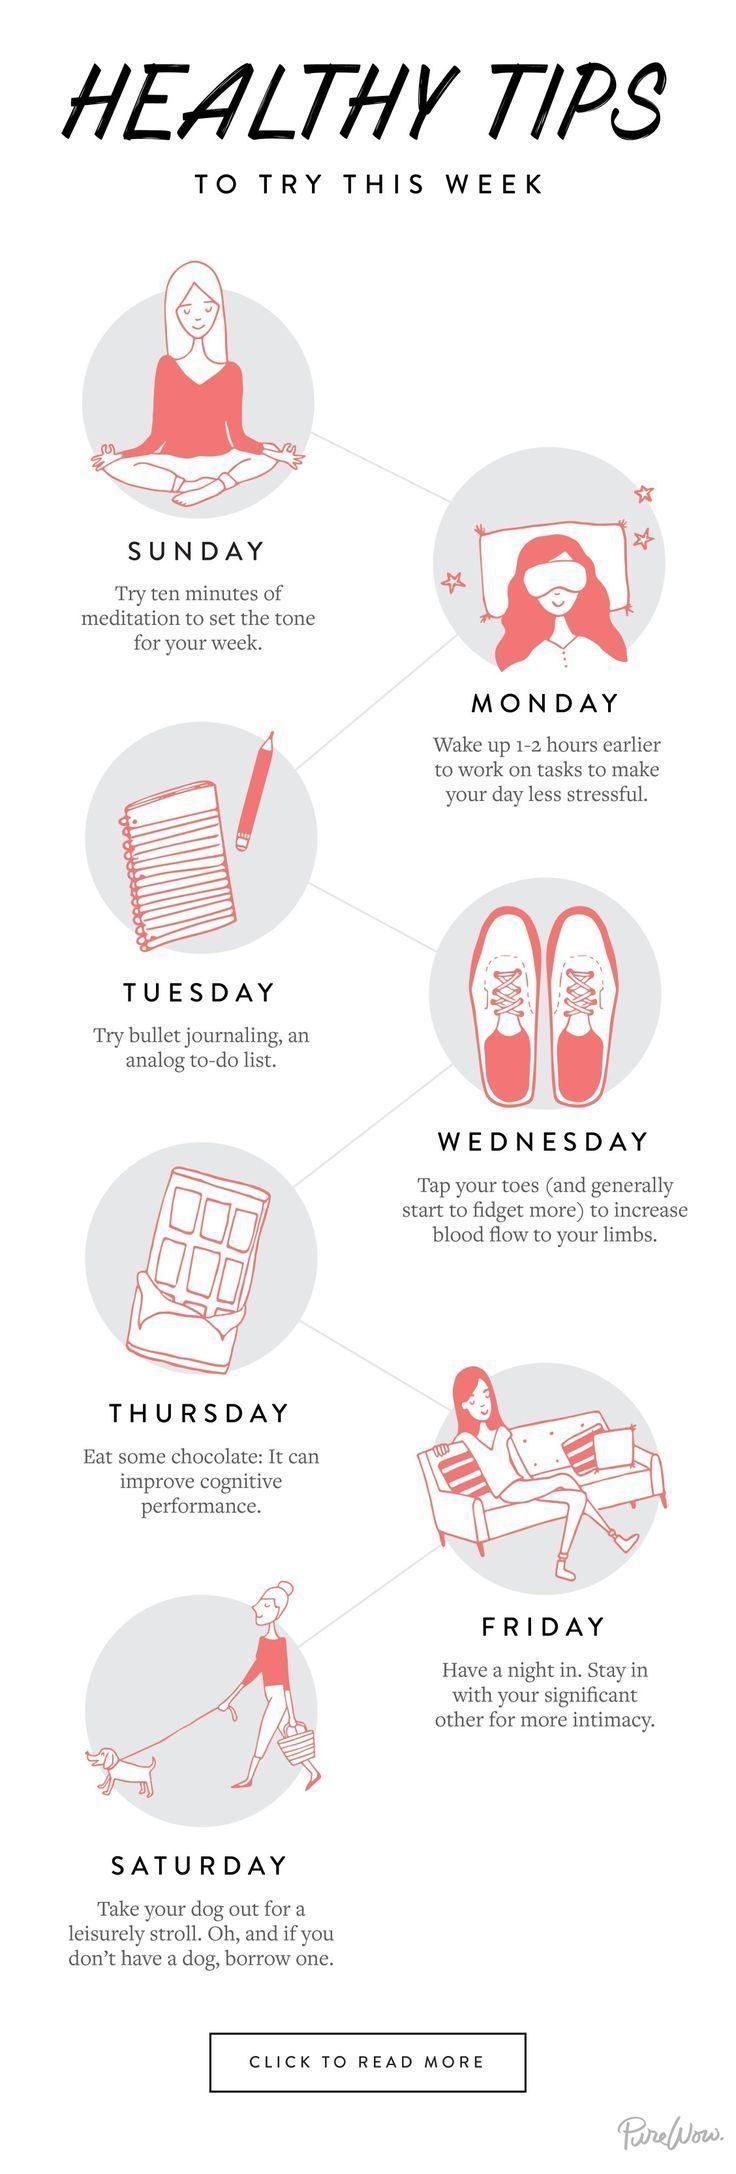 Un trucco salutare da provare tutti i giorni della settimana